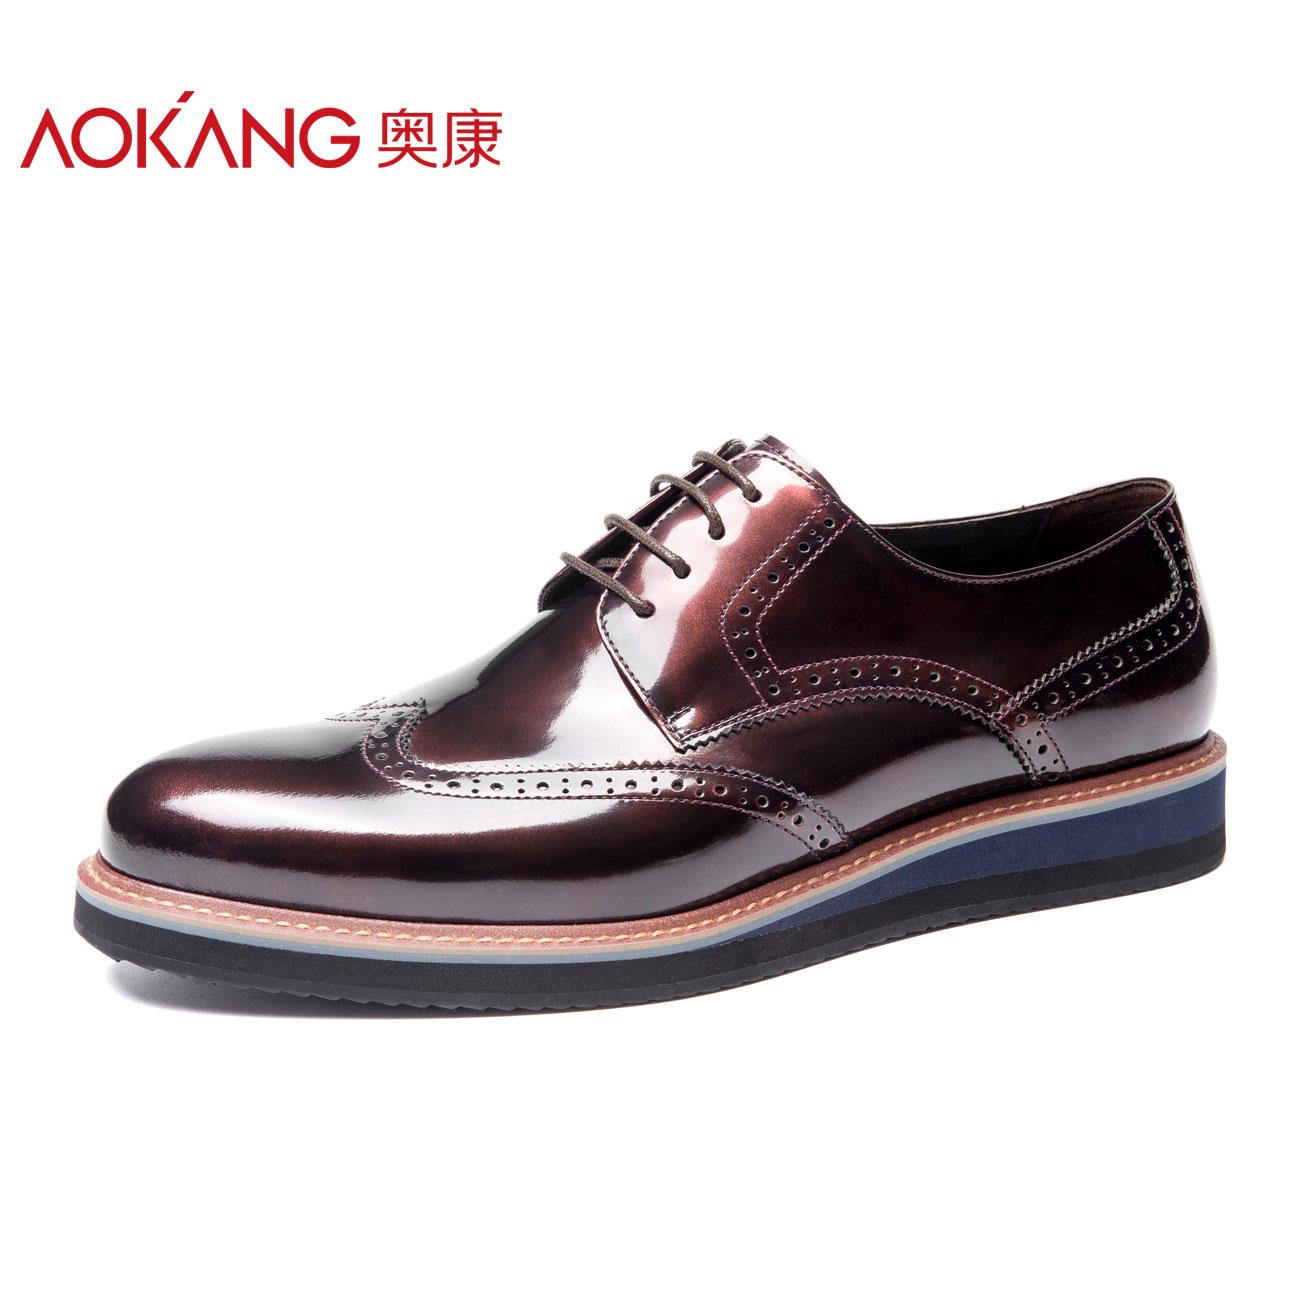 奥康男鞋2018秋季新品皮鞋韩版潮流英伦男士商务正装英伦布洛克男